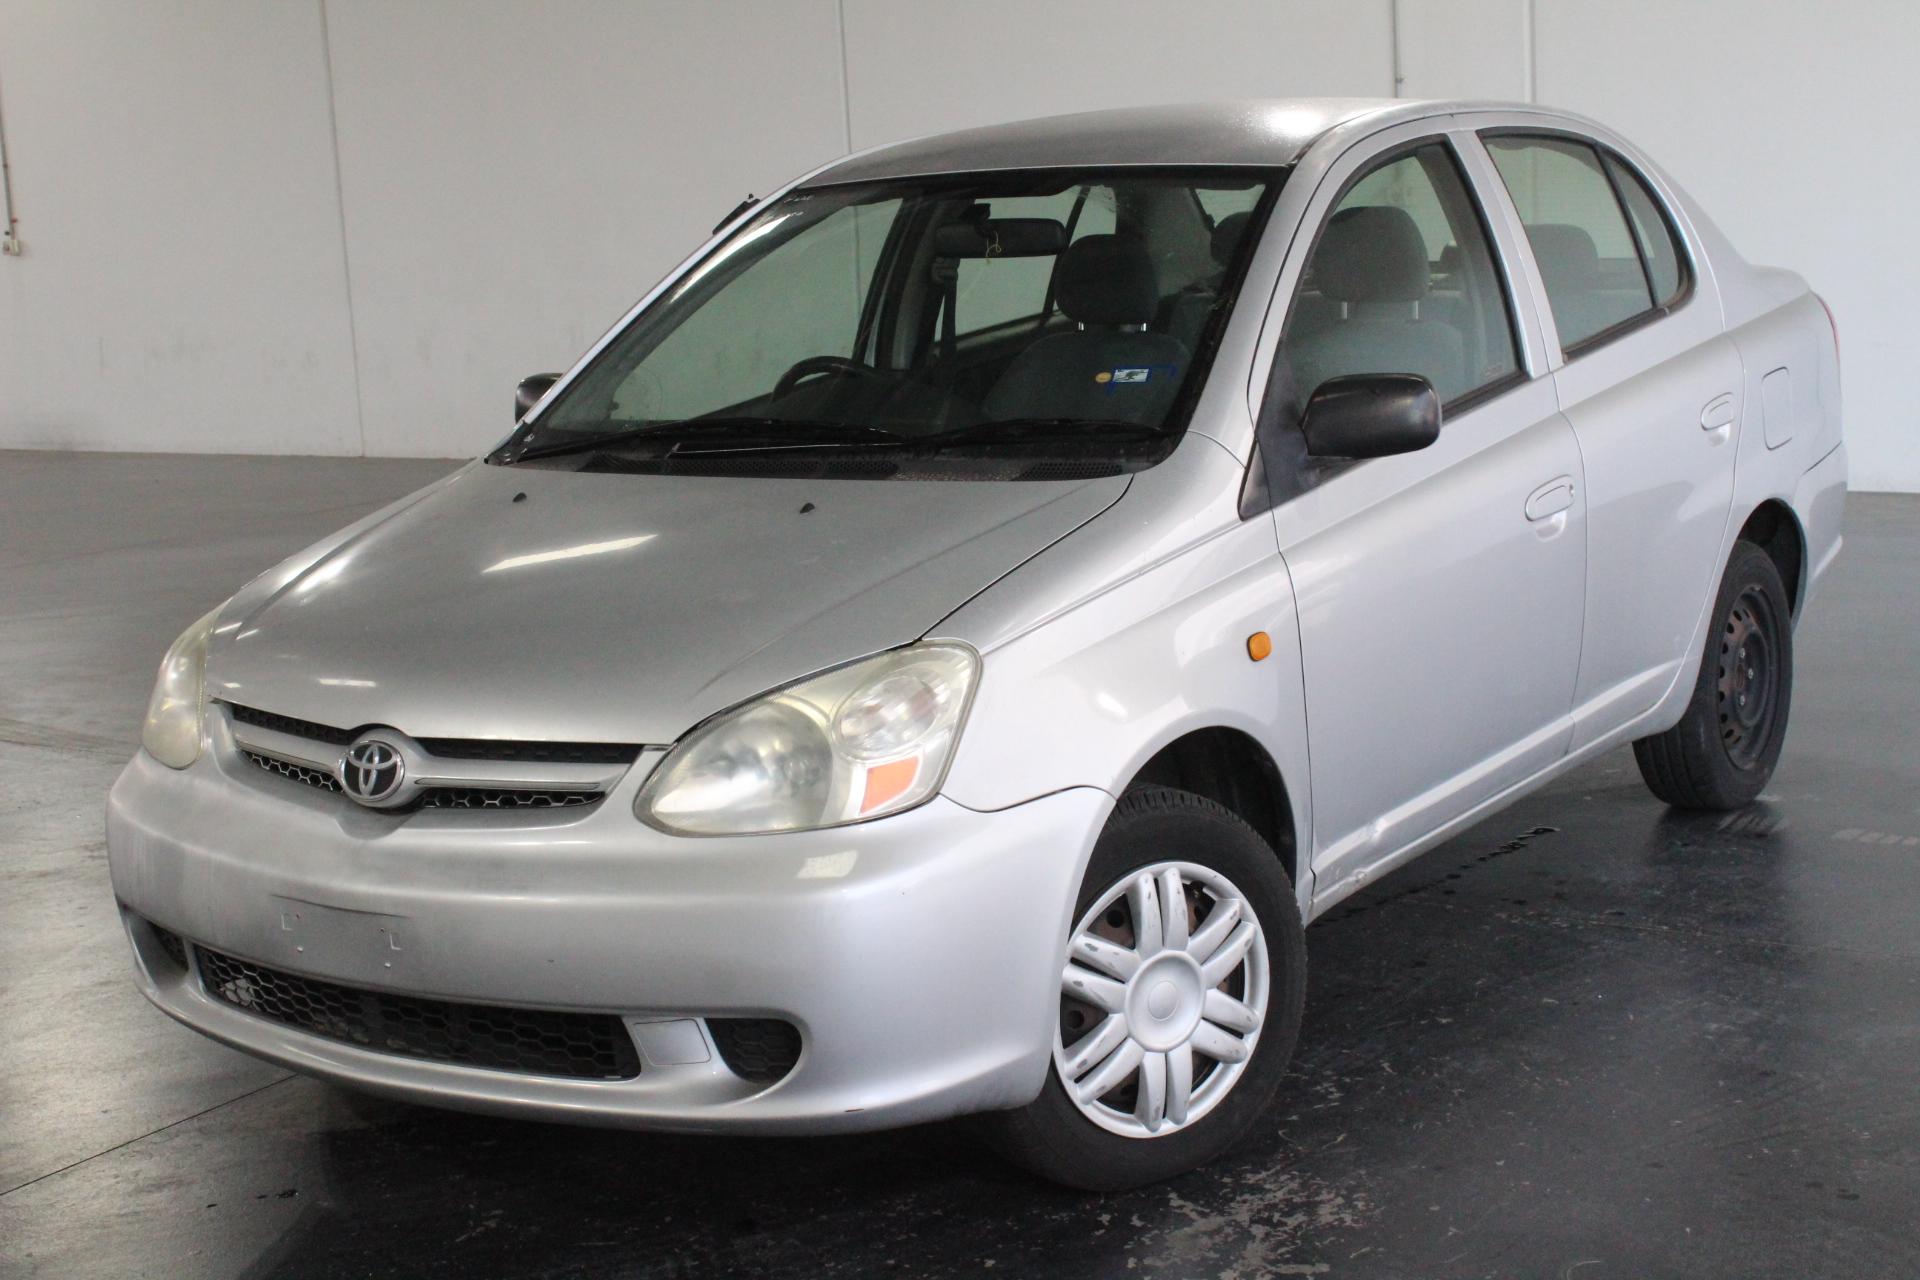 2005 Toyota Echo NCP12R Automatic Sedan (WOVR)